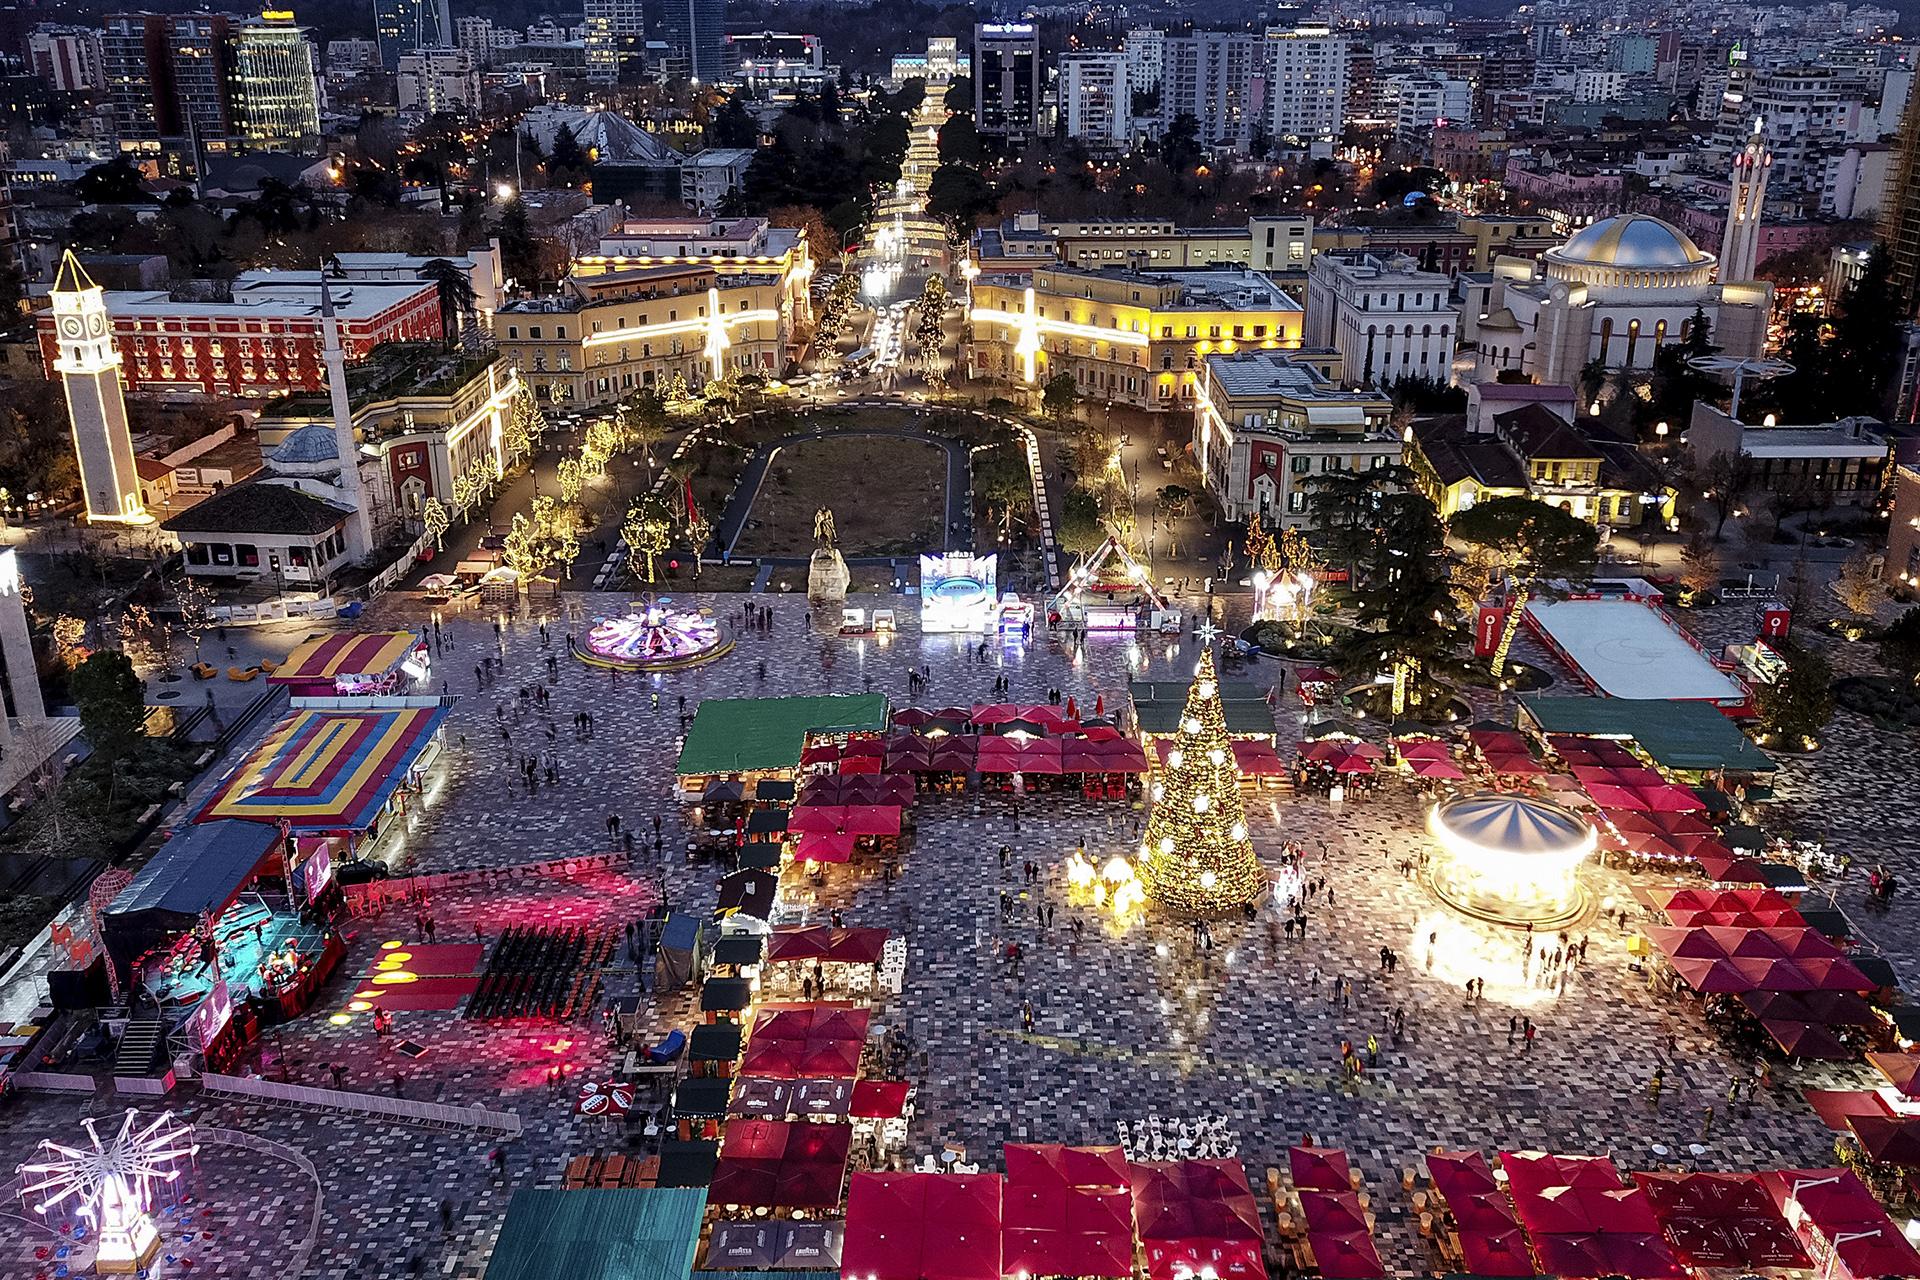 Vista aérea de la plaza principal de Tirana iluminada con adornos navideños y rodeada por un mercado navideño abierto.